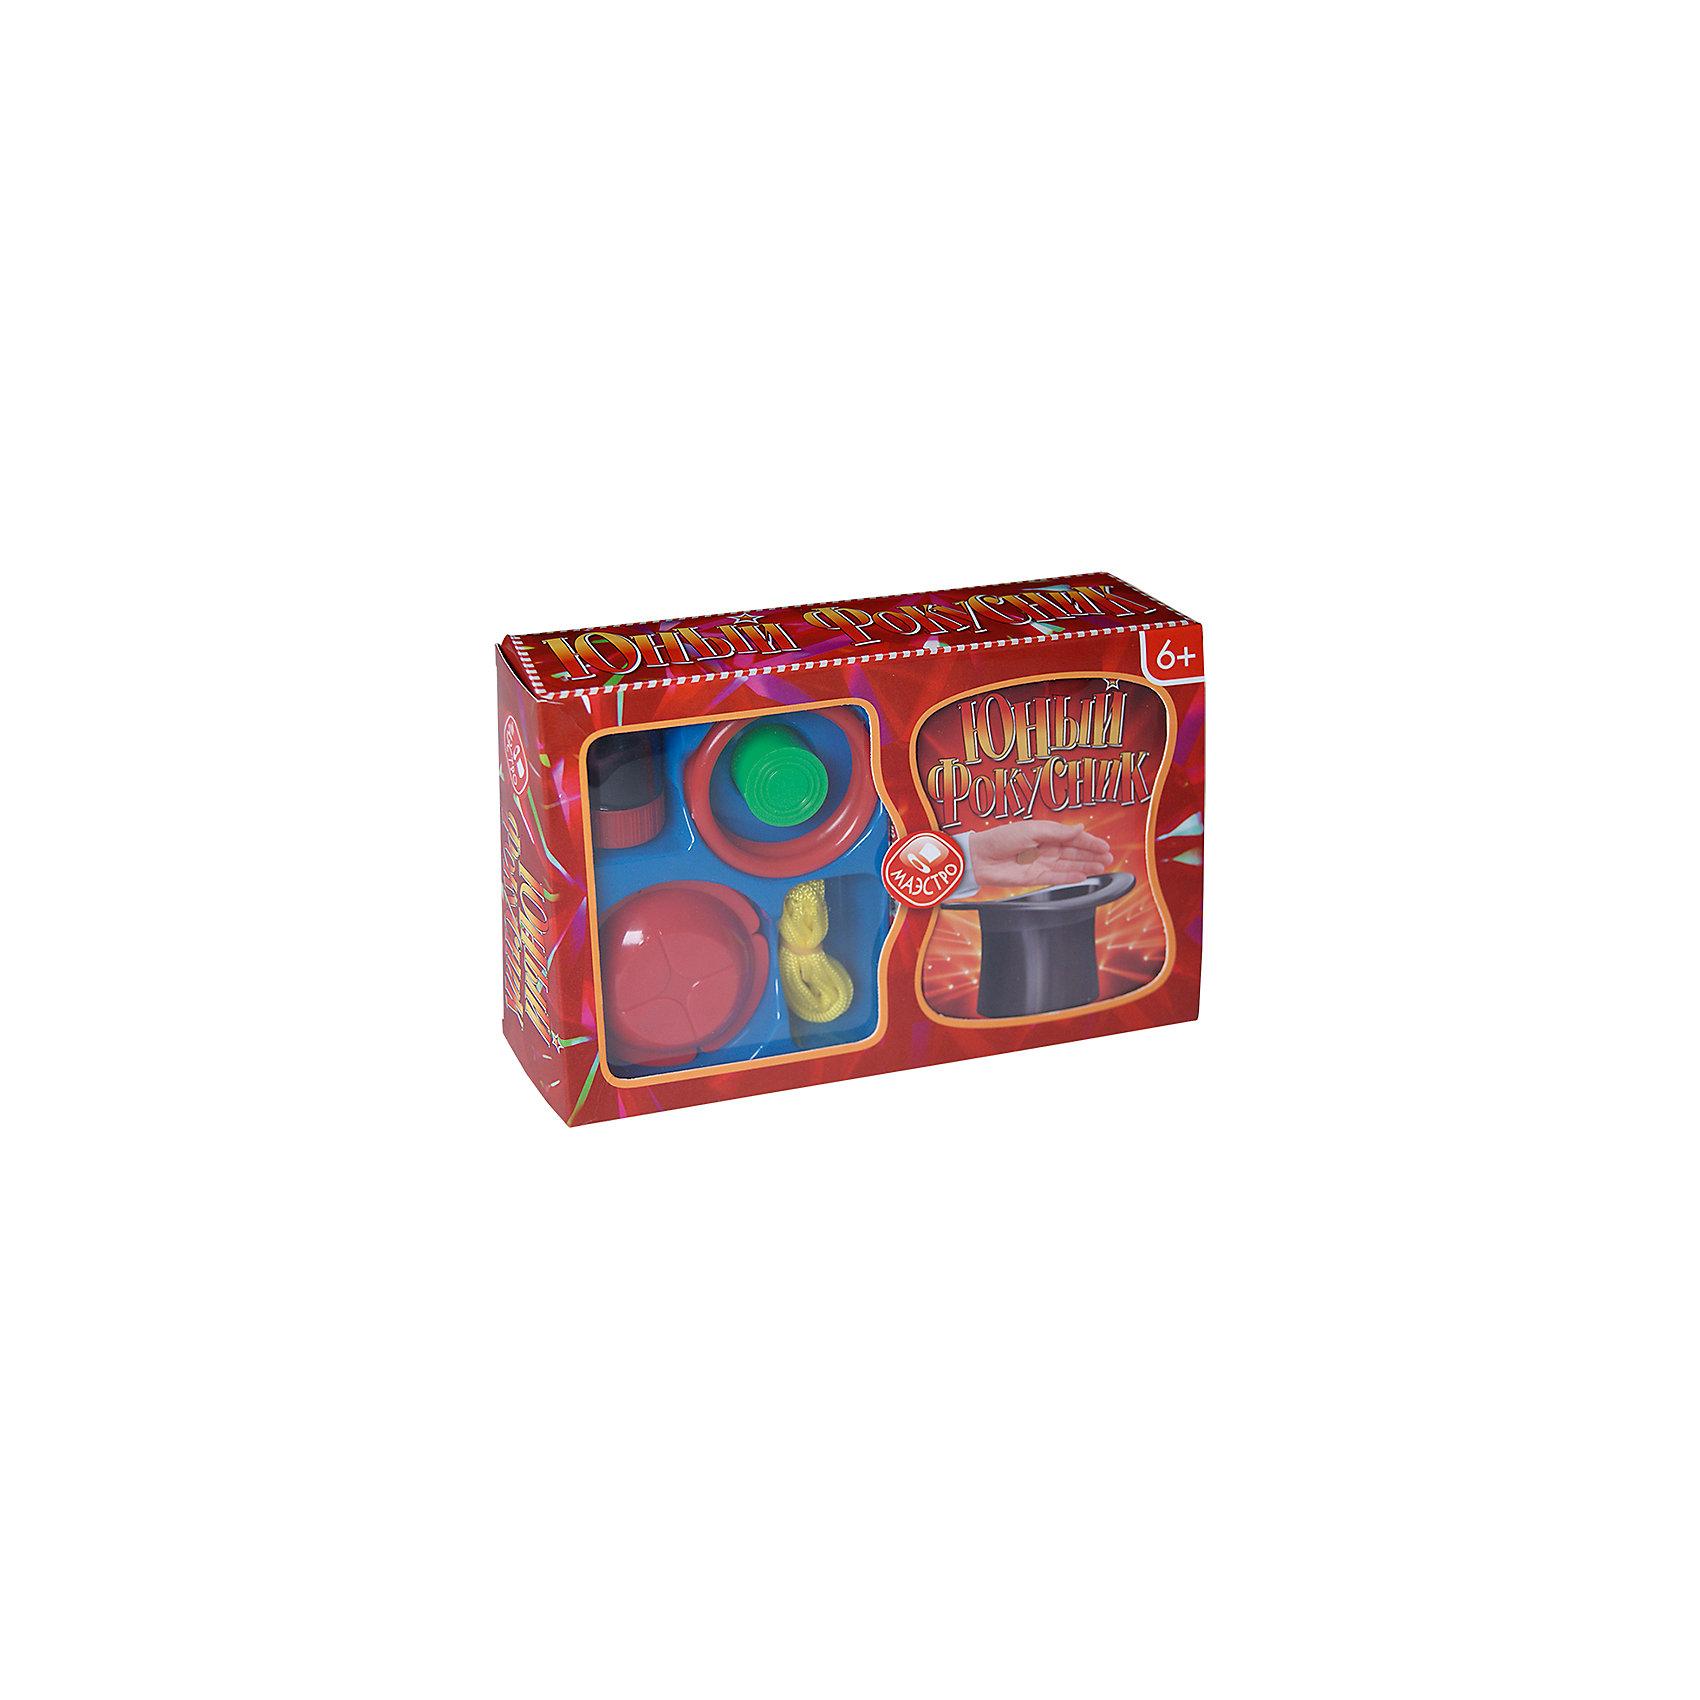 Юный фокусникФокусы и розыгрыши<br>У фокусника в карманах всегда полно разных чудесных волшебных вещей.<br>Каждый из этих обычных на первый взгляд предметов имеет свой секрет, а некоторые - даже сотни секретов!<br>Открывай, придумывай, показывай...<br>Состав:<br><br>Цветная книга-инструкция 48 страниц<br>2 сборных комплекта для фокусов с монетами<br>1 комплект для фокуса с игральным кубиком<br>2 пластиковых кольца<br>2 резиновых колечка<br>1 длинная веревка<br>2 тонкие веревки<br>2 веревочные петли<br><br>Ширина мм: 520<br>Глубина мм: 340<br>Высота мм: 370<br>Вес г: 500<br>Возраст от месяцев: 36<br>Возраст до месяцев: 144<br>Пол: Унисекс<br>Возраст: Детский<br>SKU: 6766261